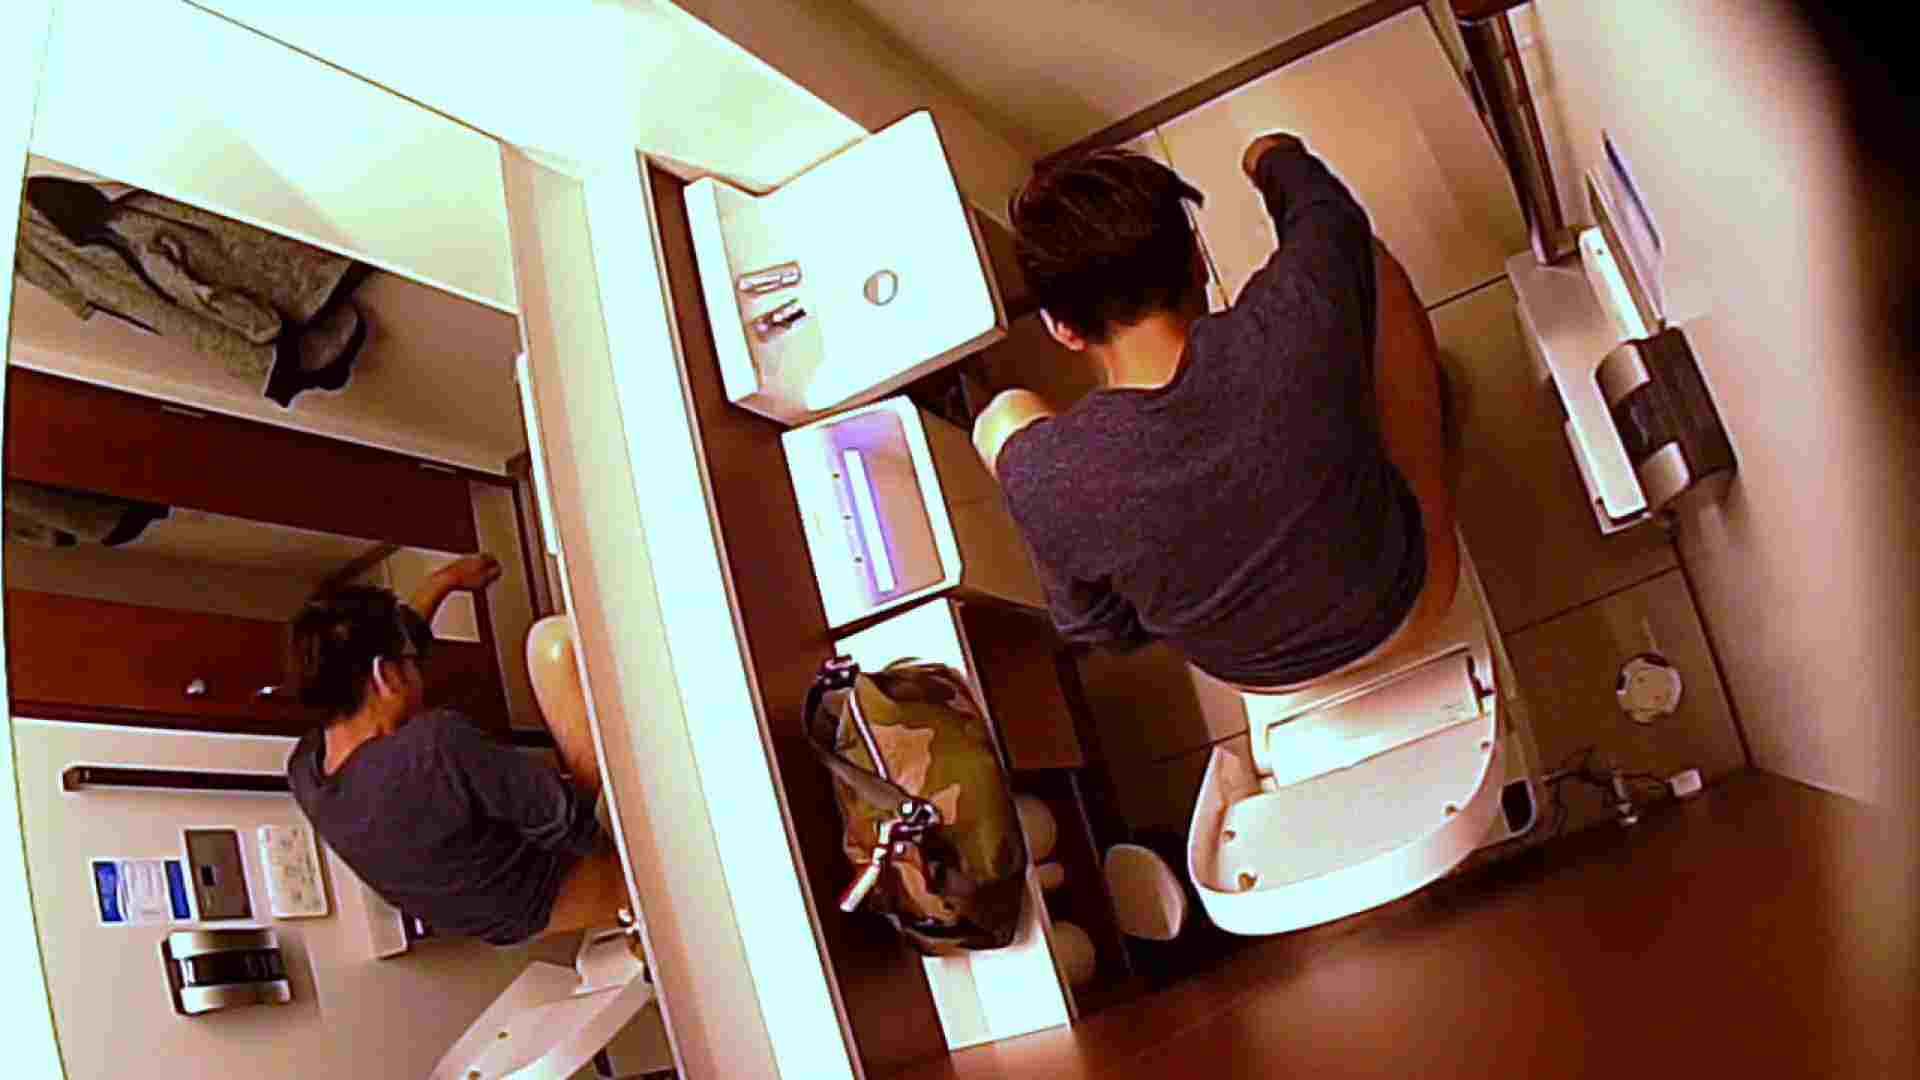 すみませんが覗かせてください Vol.29 トイレ | 0  61pic 14